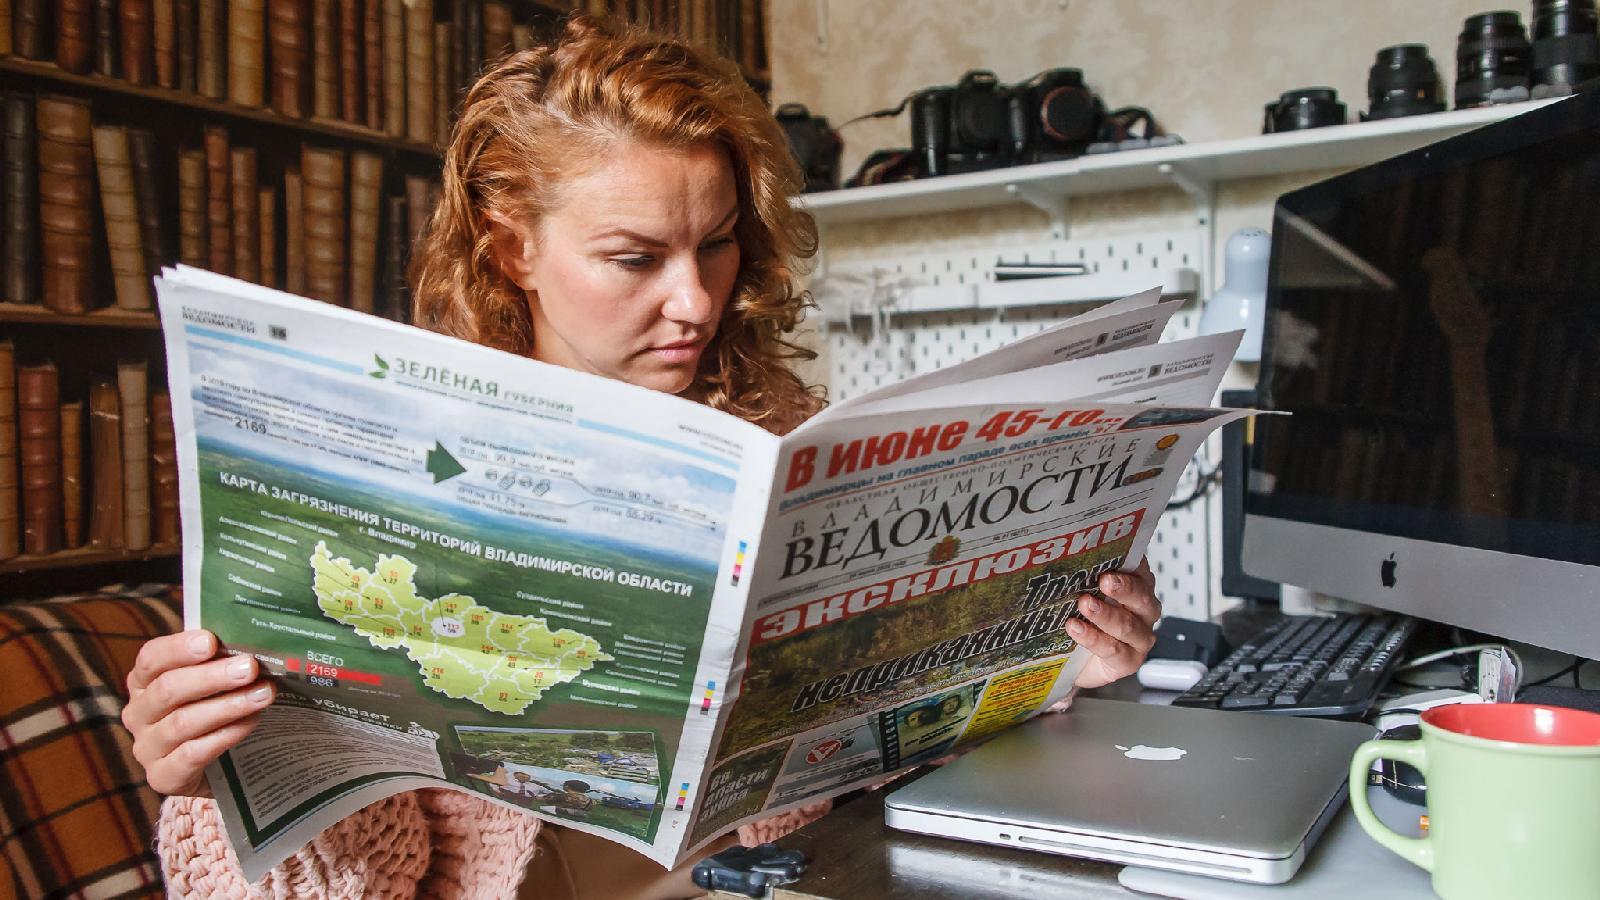 Еженедельный выпуск «Владимирских ведомостей» выходит по четвергам на 12–16 полноцветных полосах